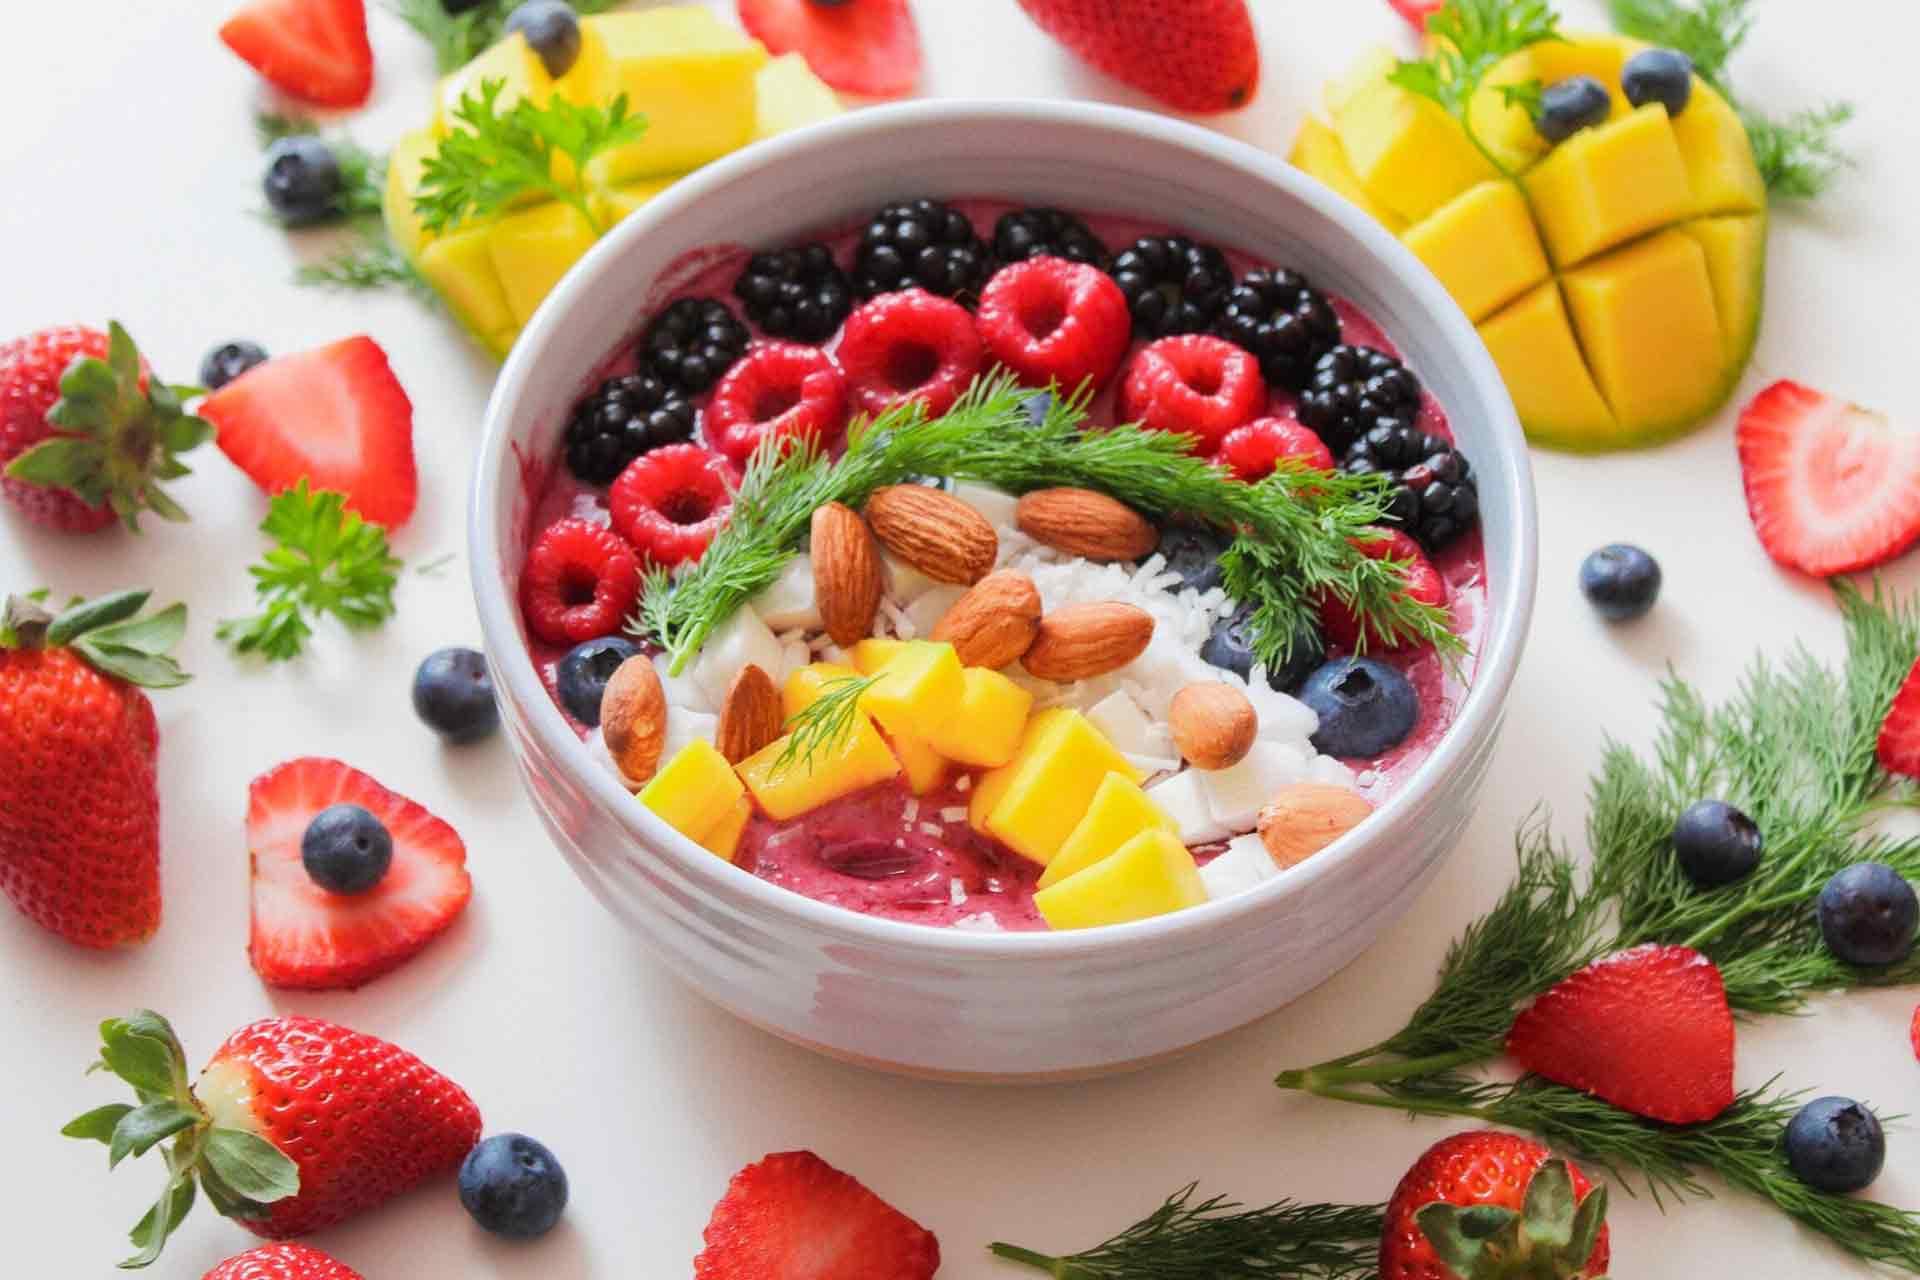 acai bowl and fruit